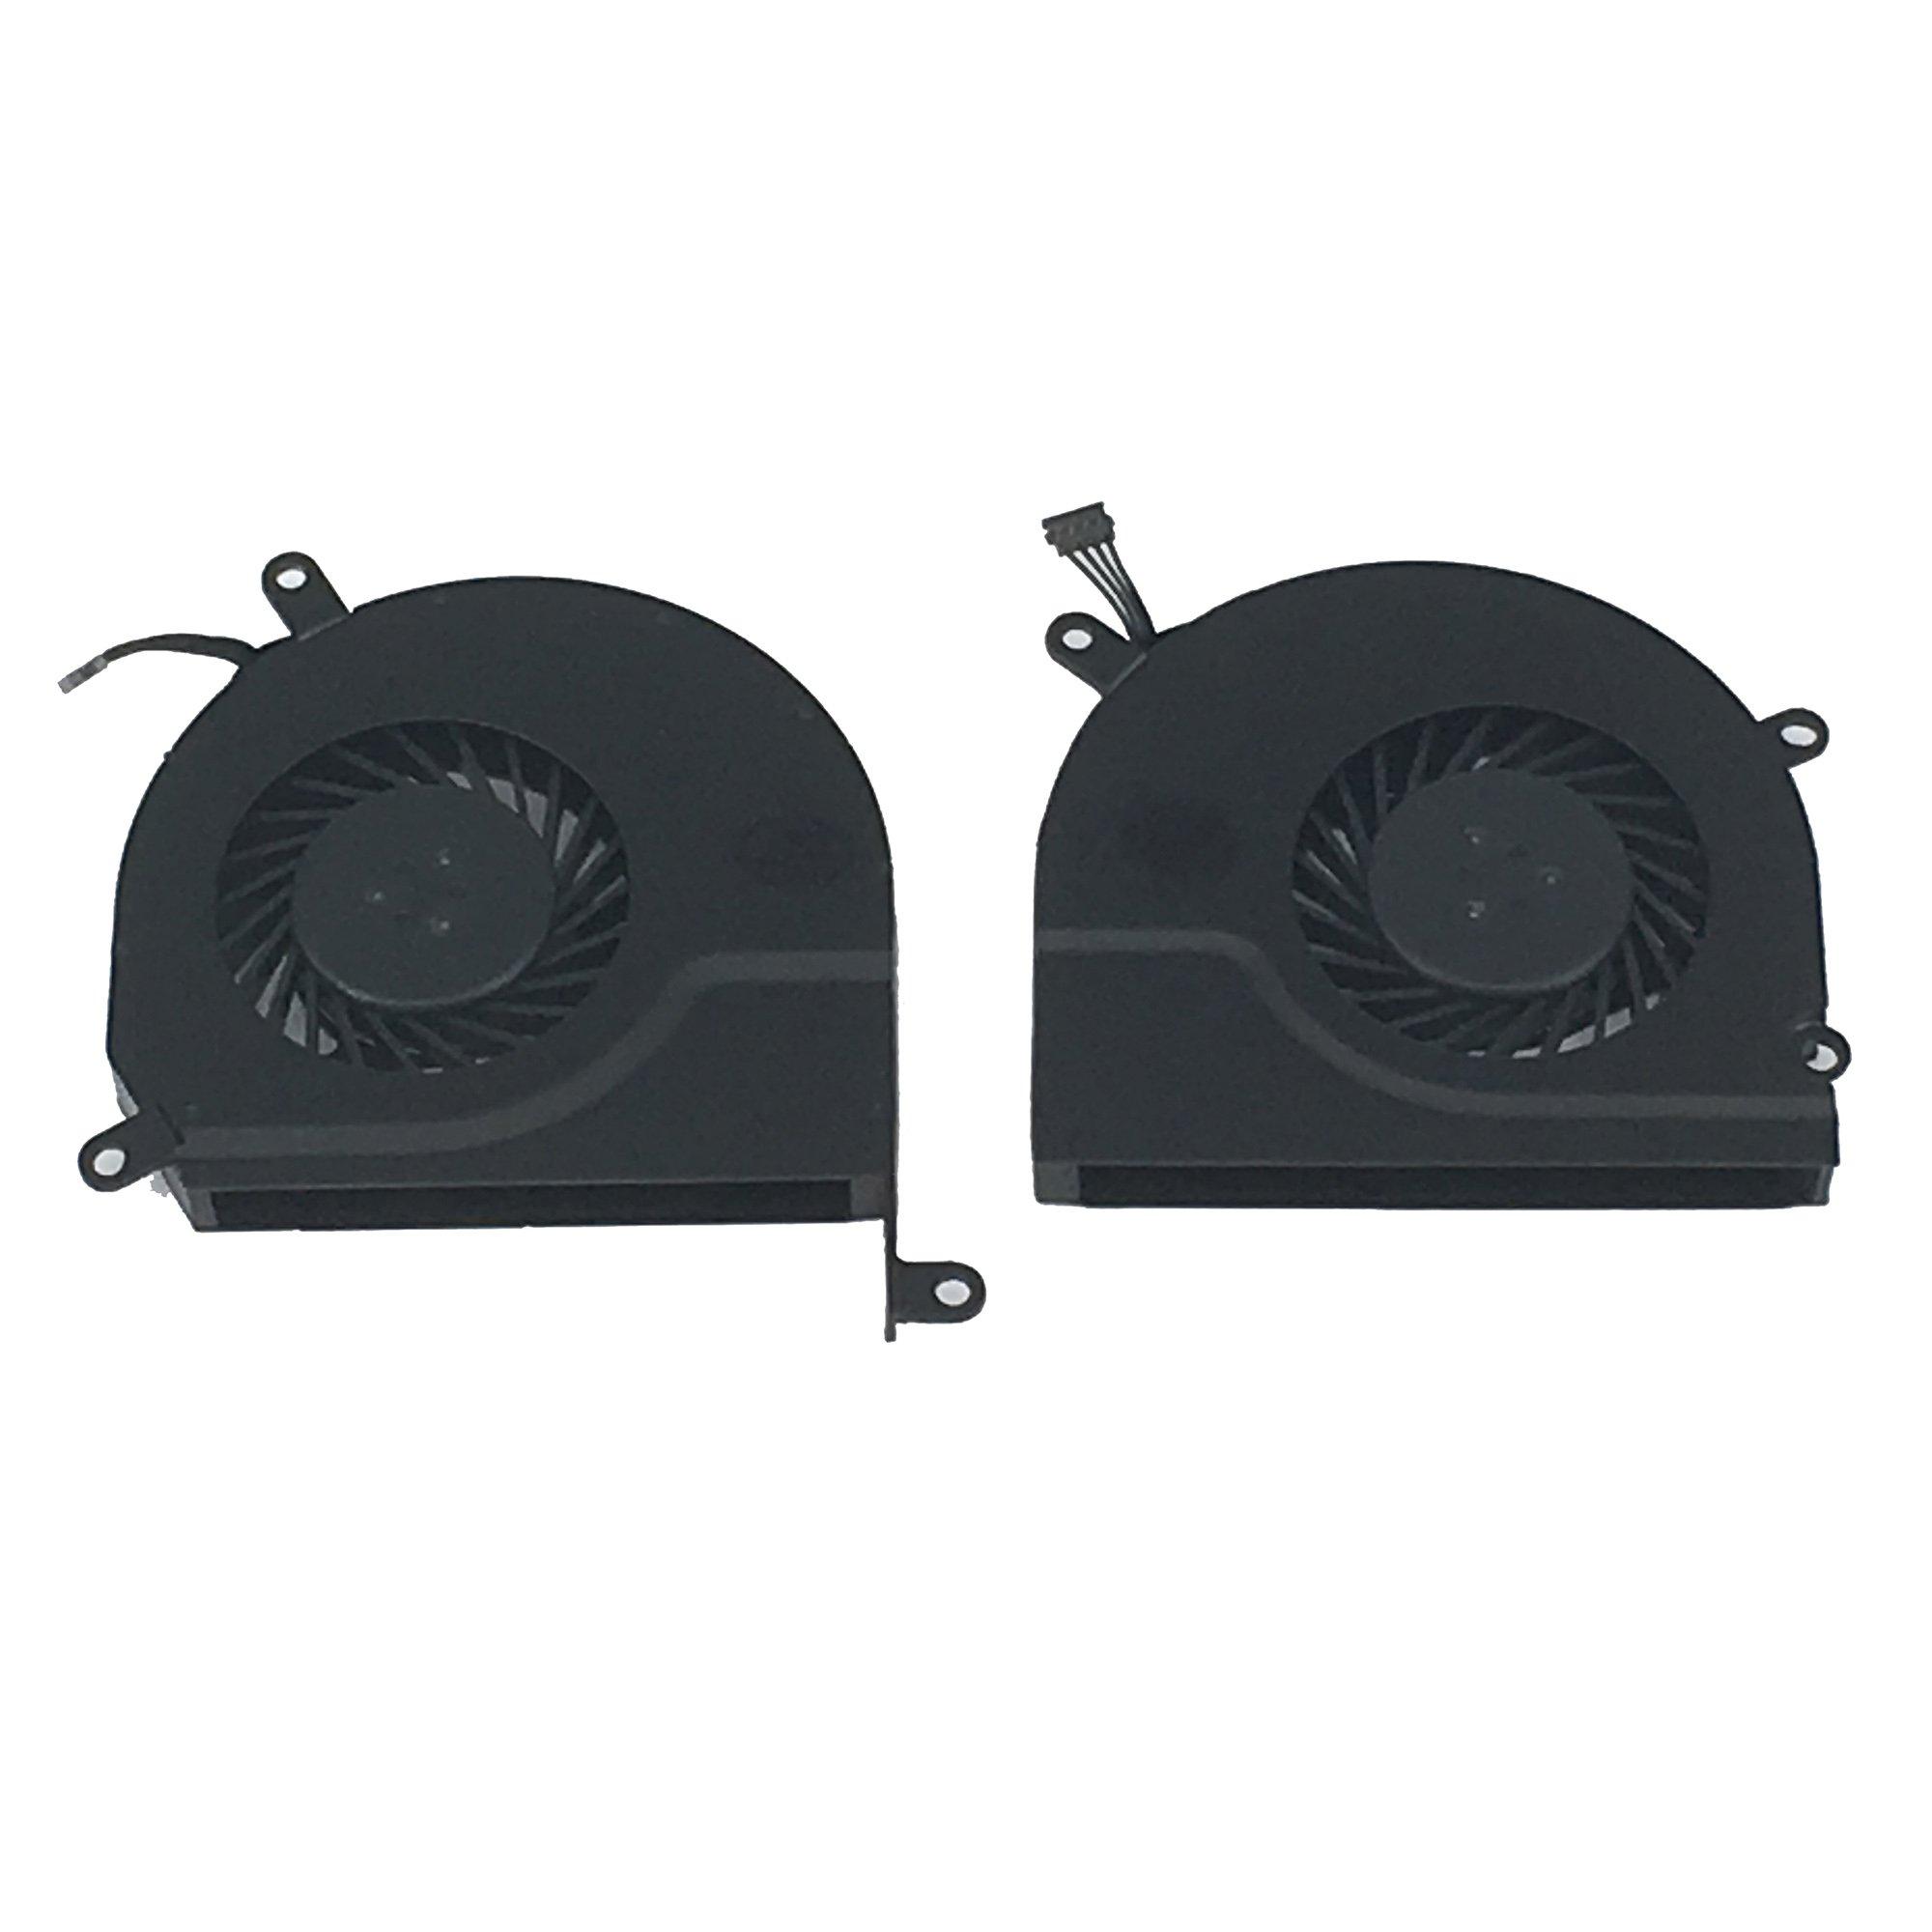 Procesador CPU Cooling Fan Cooler (Izquierda y Derecha) para ...